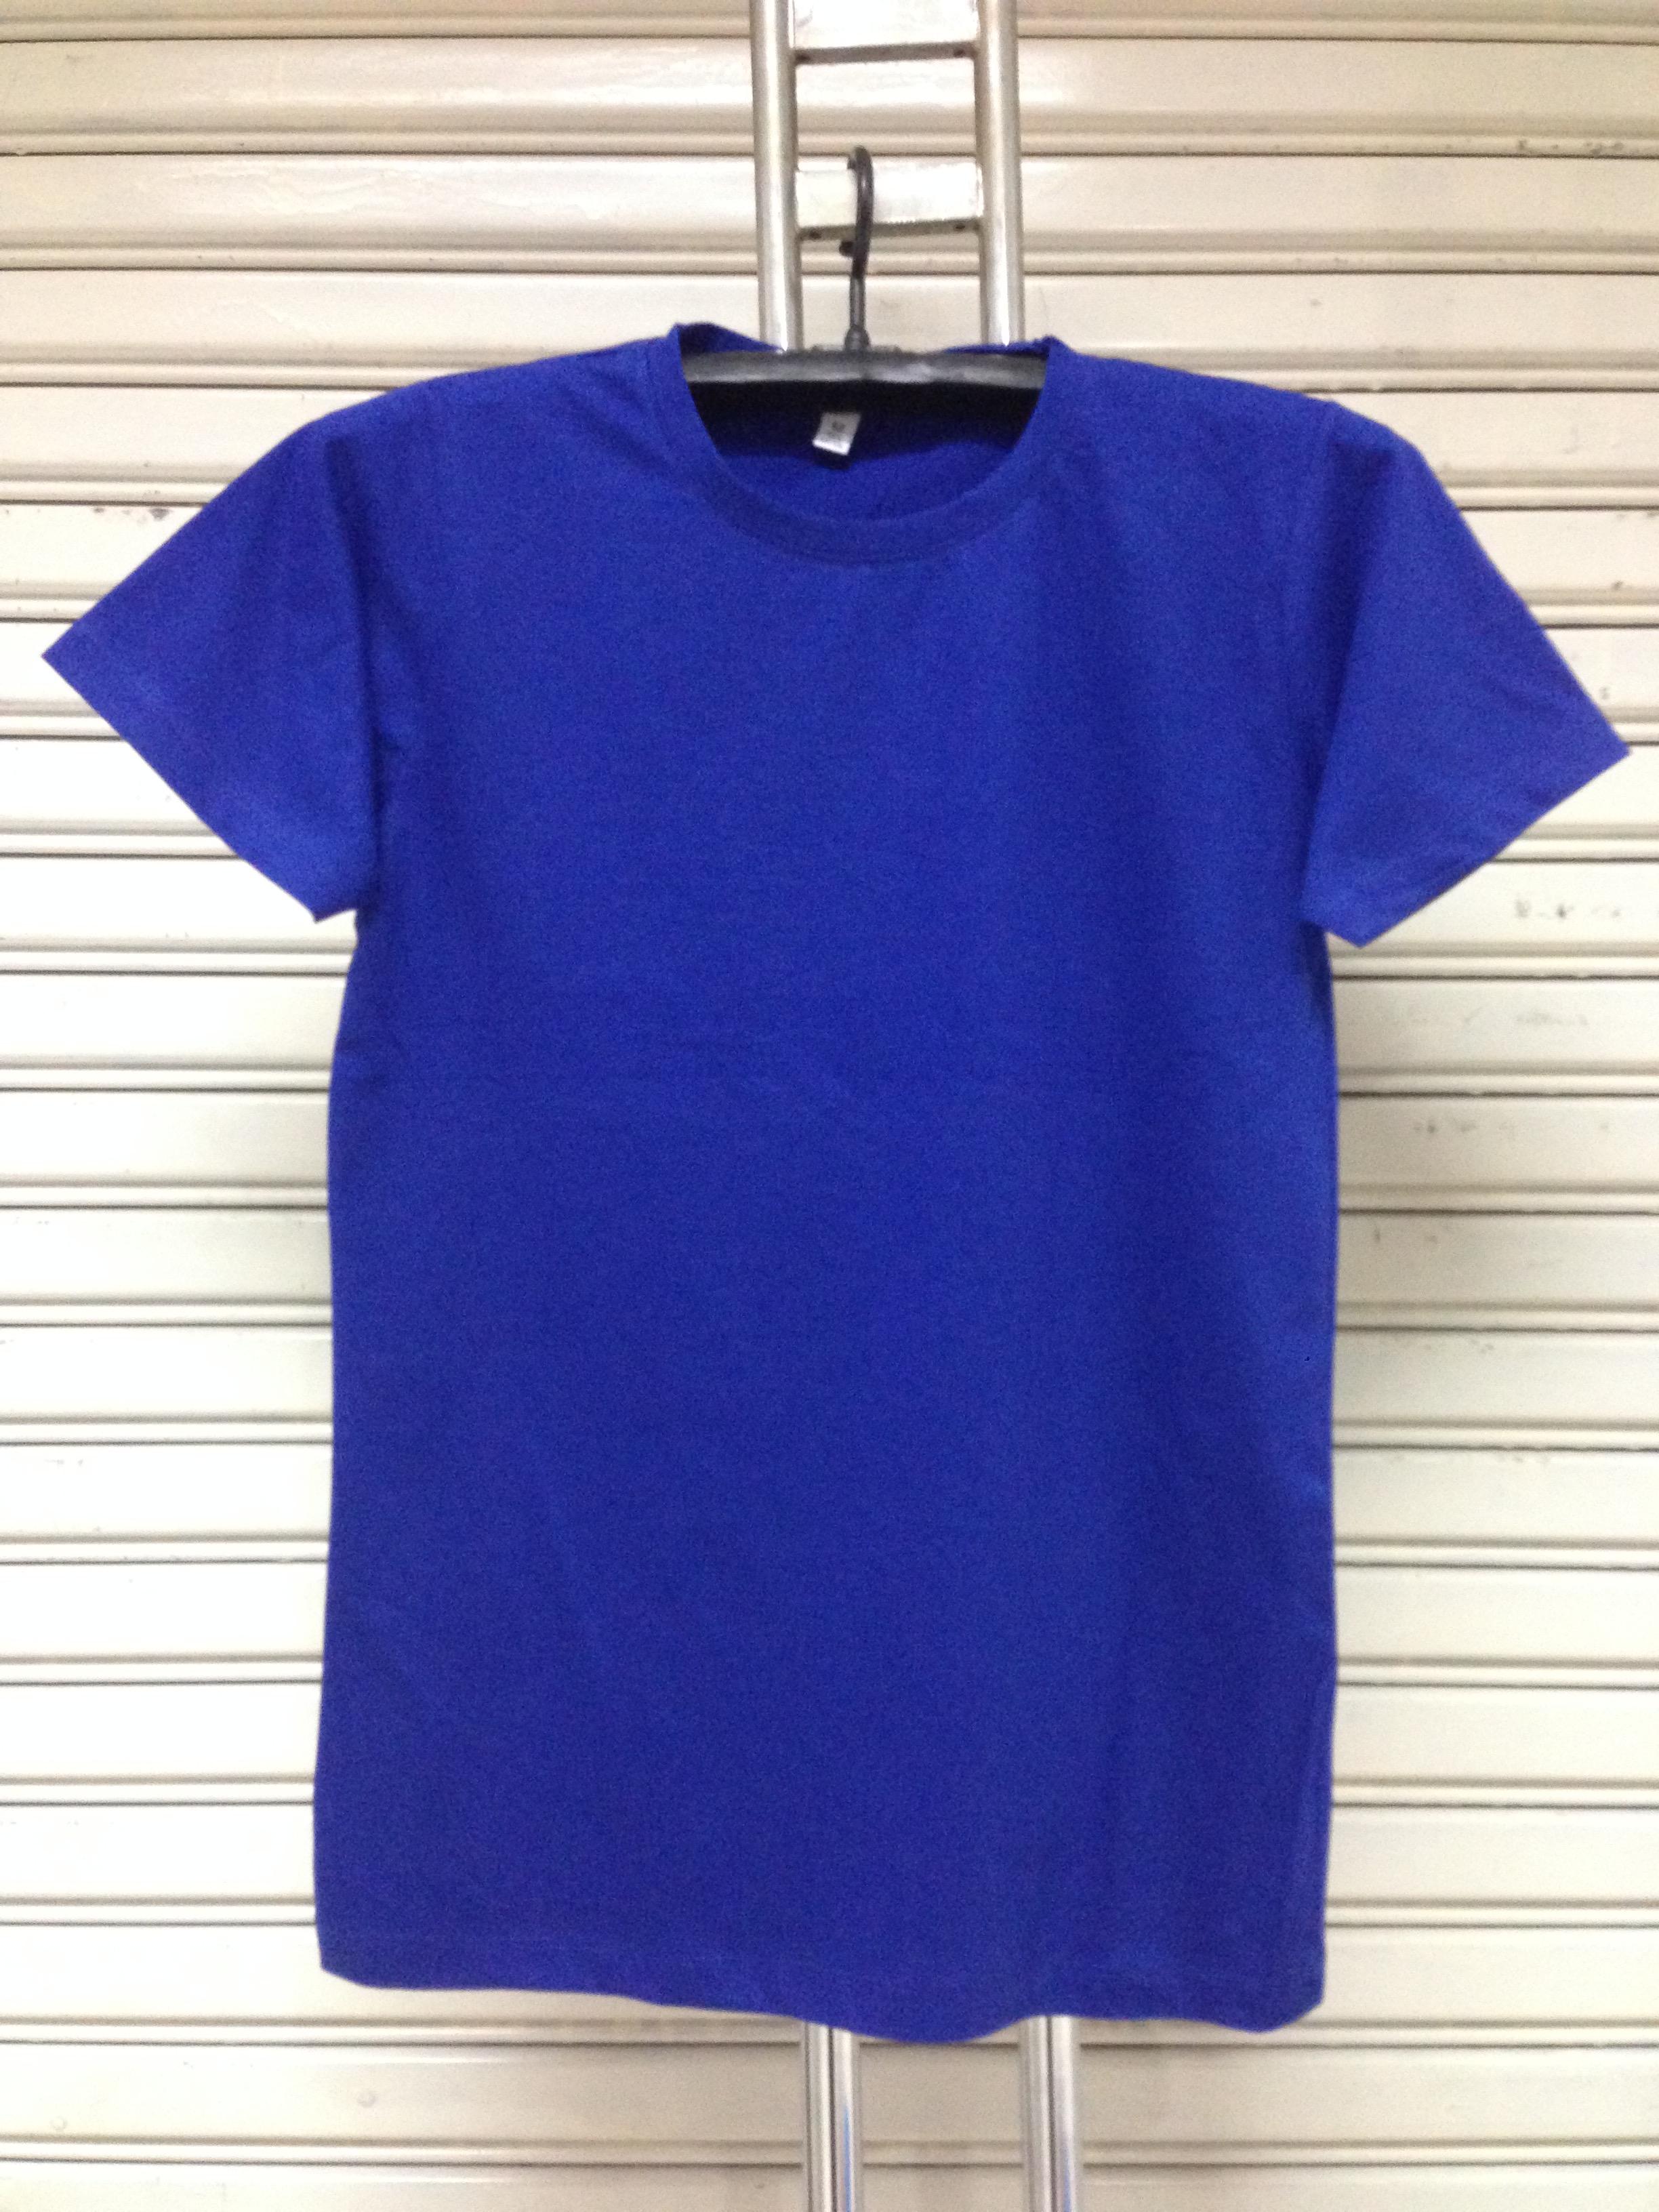 COTTON100% เบอร์32 เสื้อยืดแขนสั้น คอกลม สีน้ำเงิน